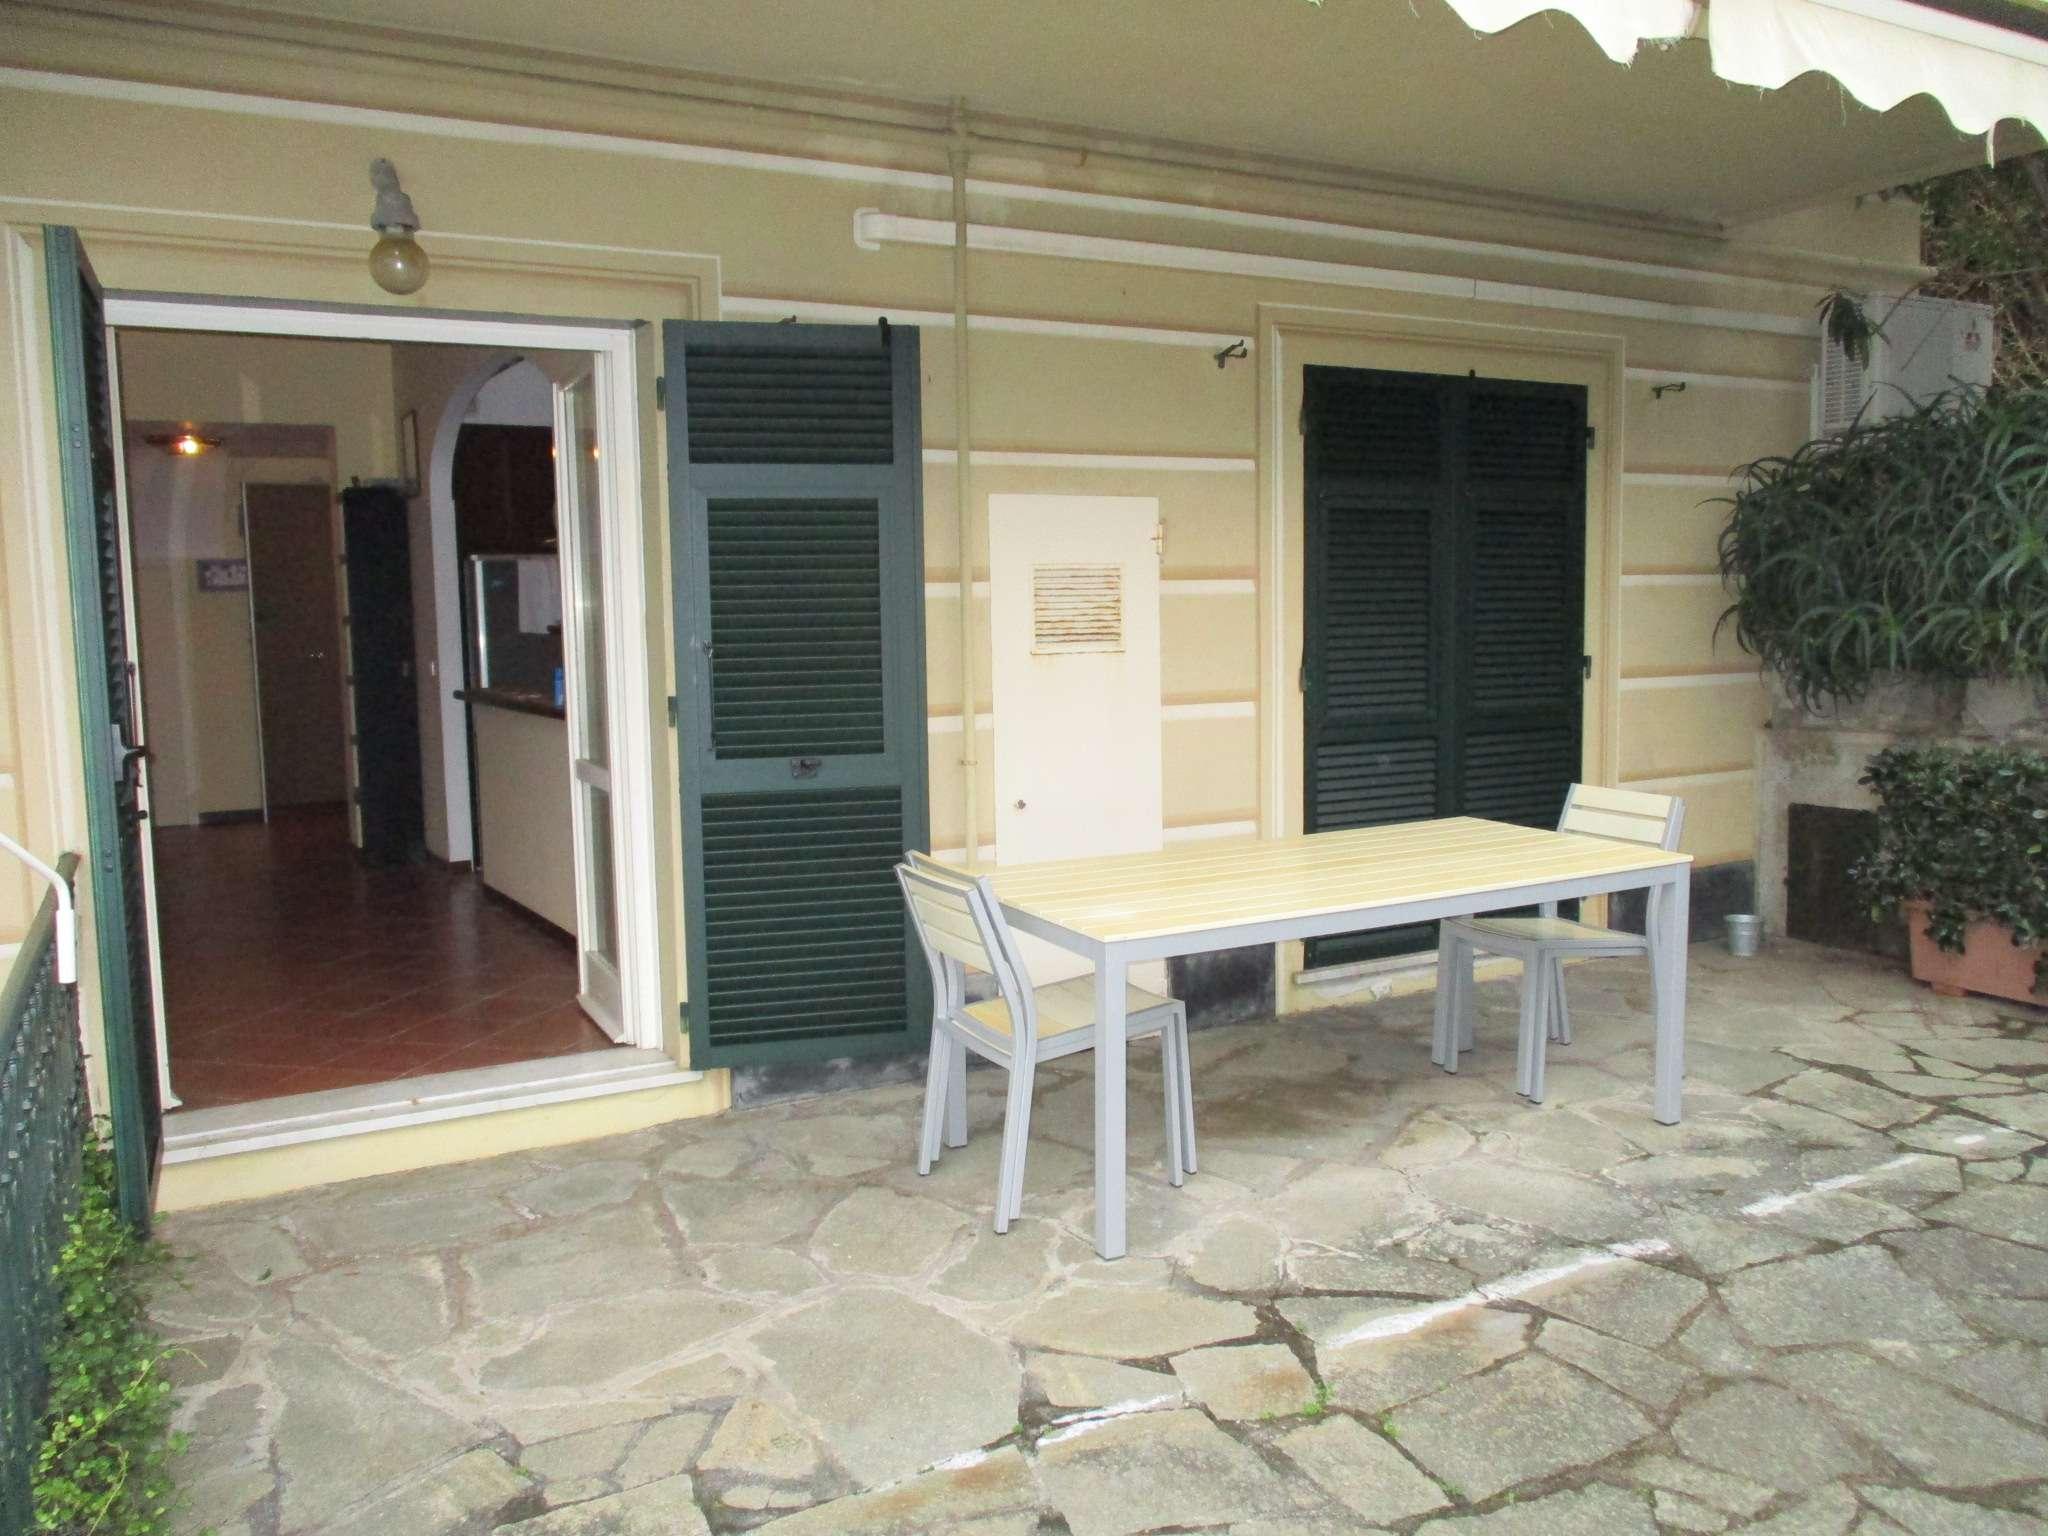 Santa Margherita Ligure Santa Margherita Ligure Vendita APPARTAMENTO >> annunci immobiliari, appartamenti in vendita a torino